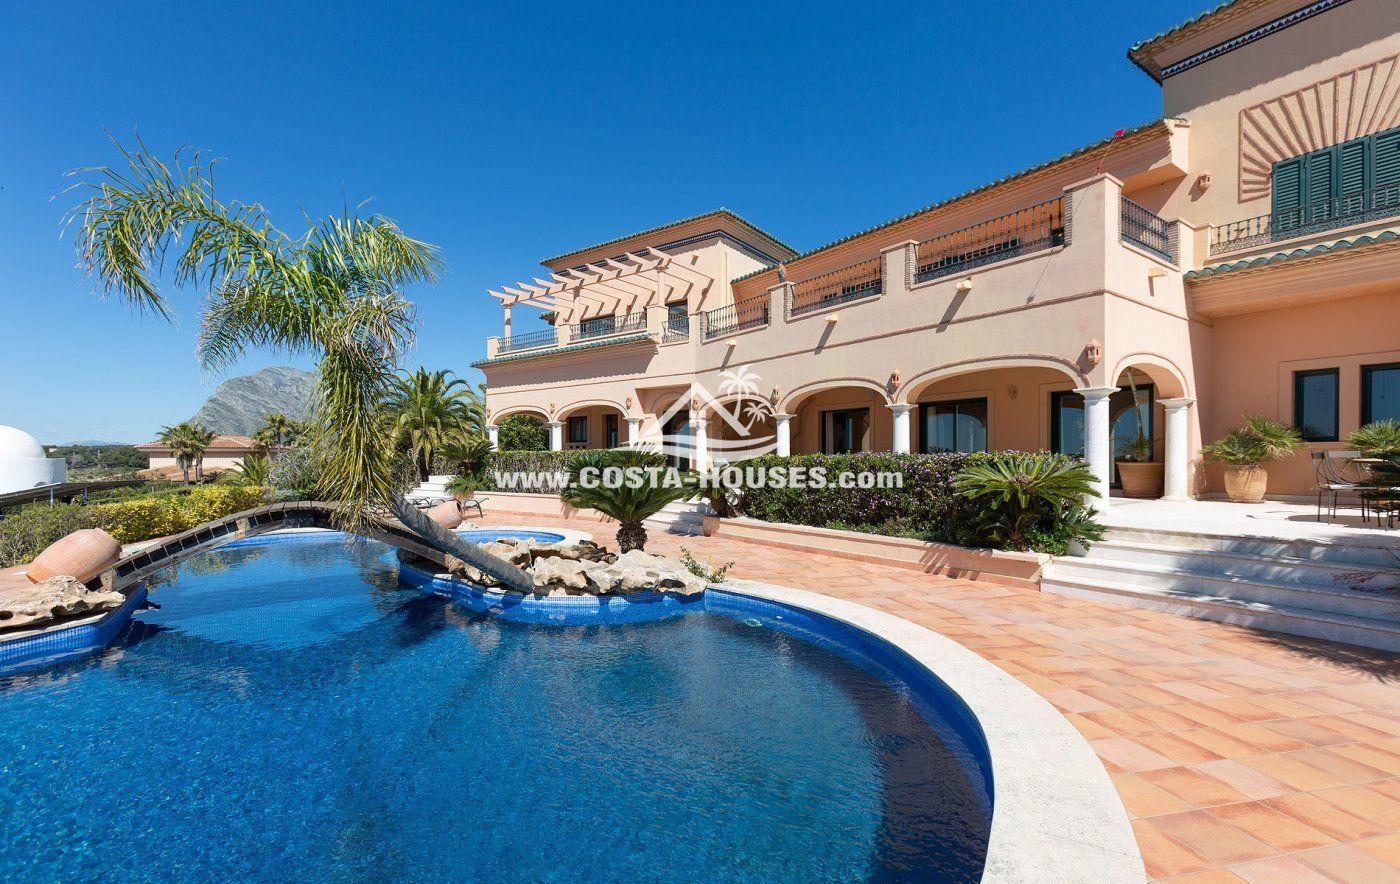 Exclusiva Villa de Lujo en Cuesta San Antonio, PUERTO DE JAVEA Alicante